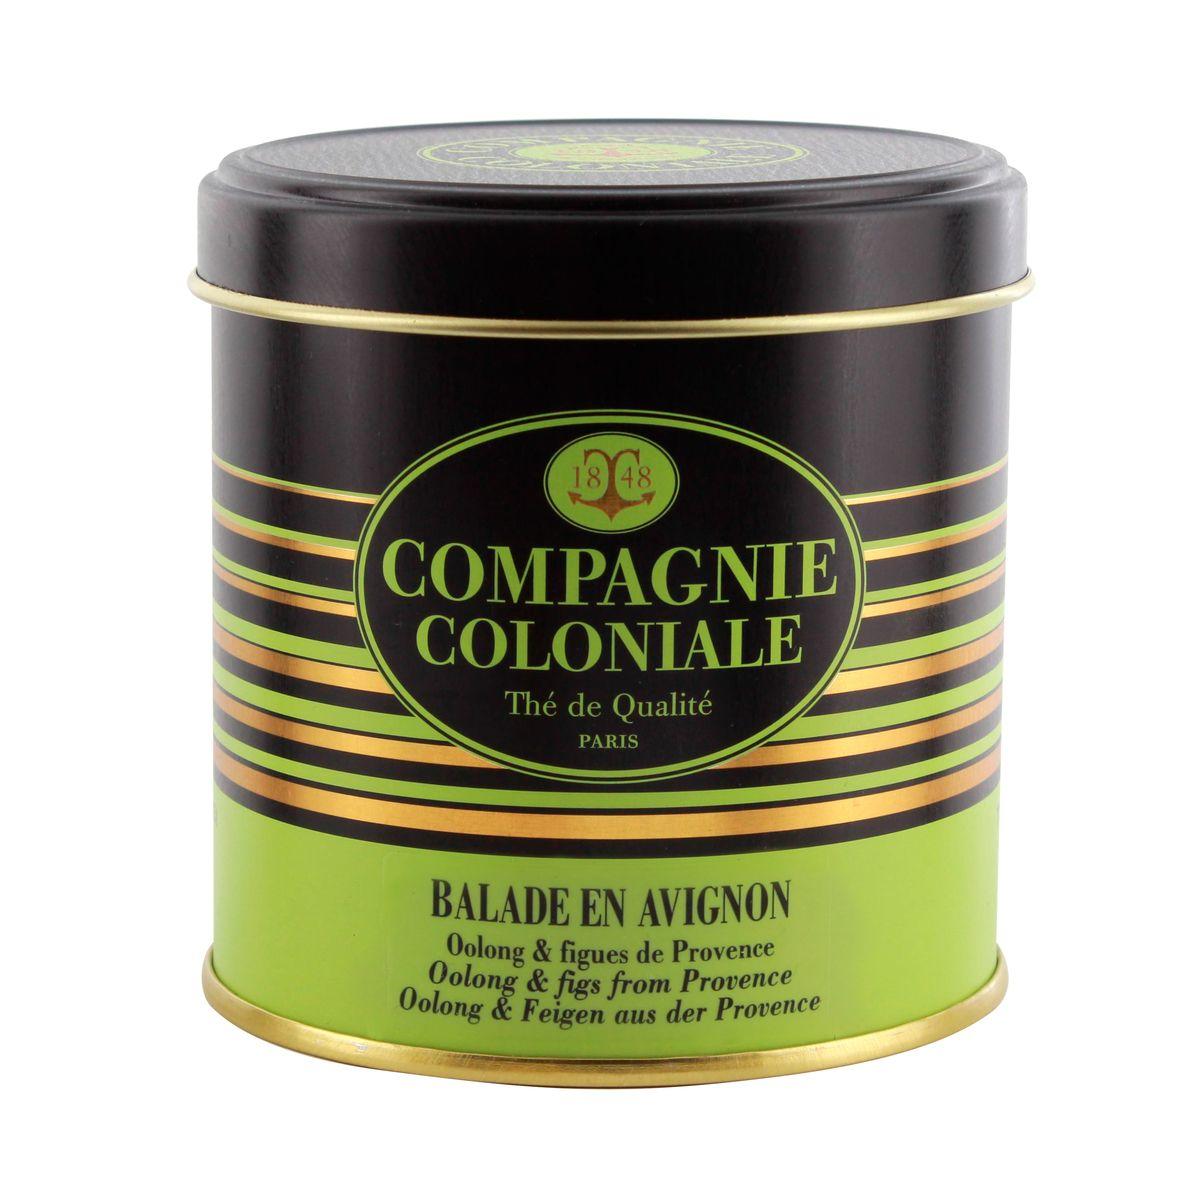 Thé vert aromatisé boîte métal Balade en Avignon - Compagnie Coloniale